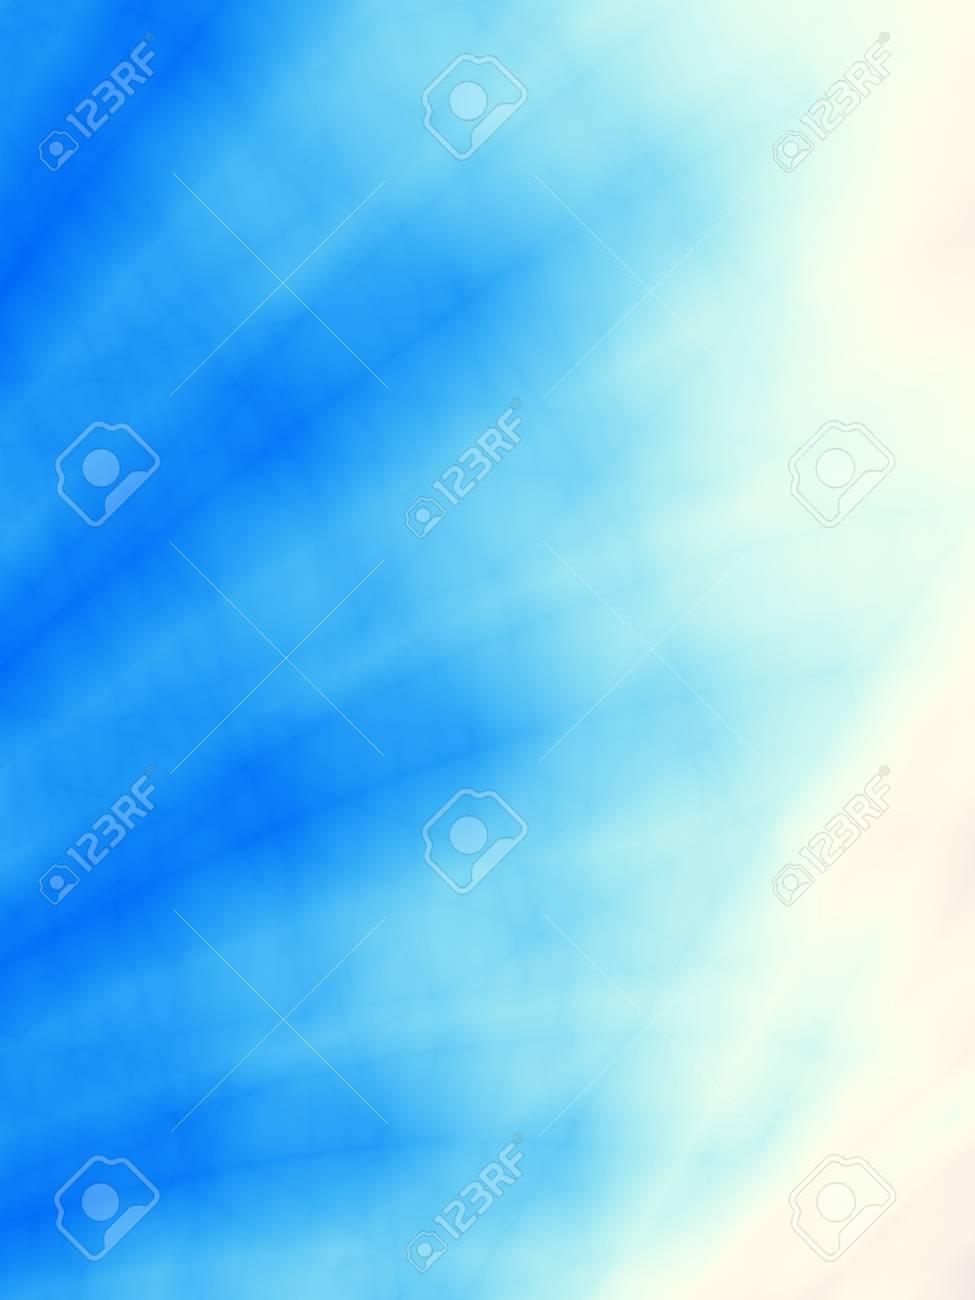 空の背景テクスチャ青い明るい壁紙 の写真素材 画像素材 Image 63043139